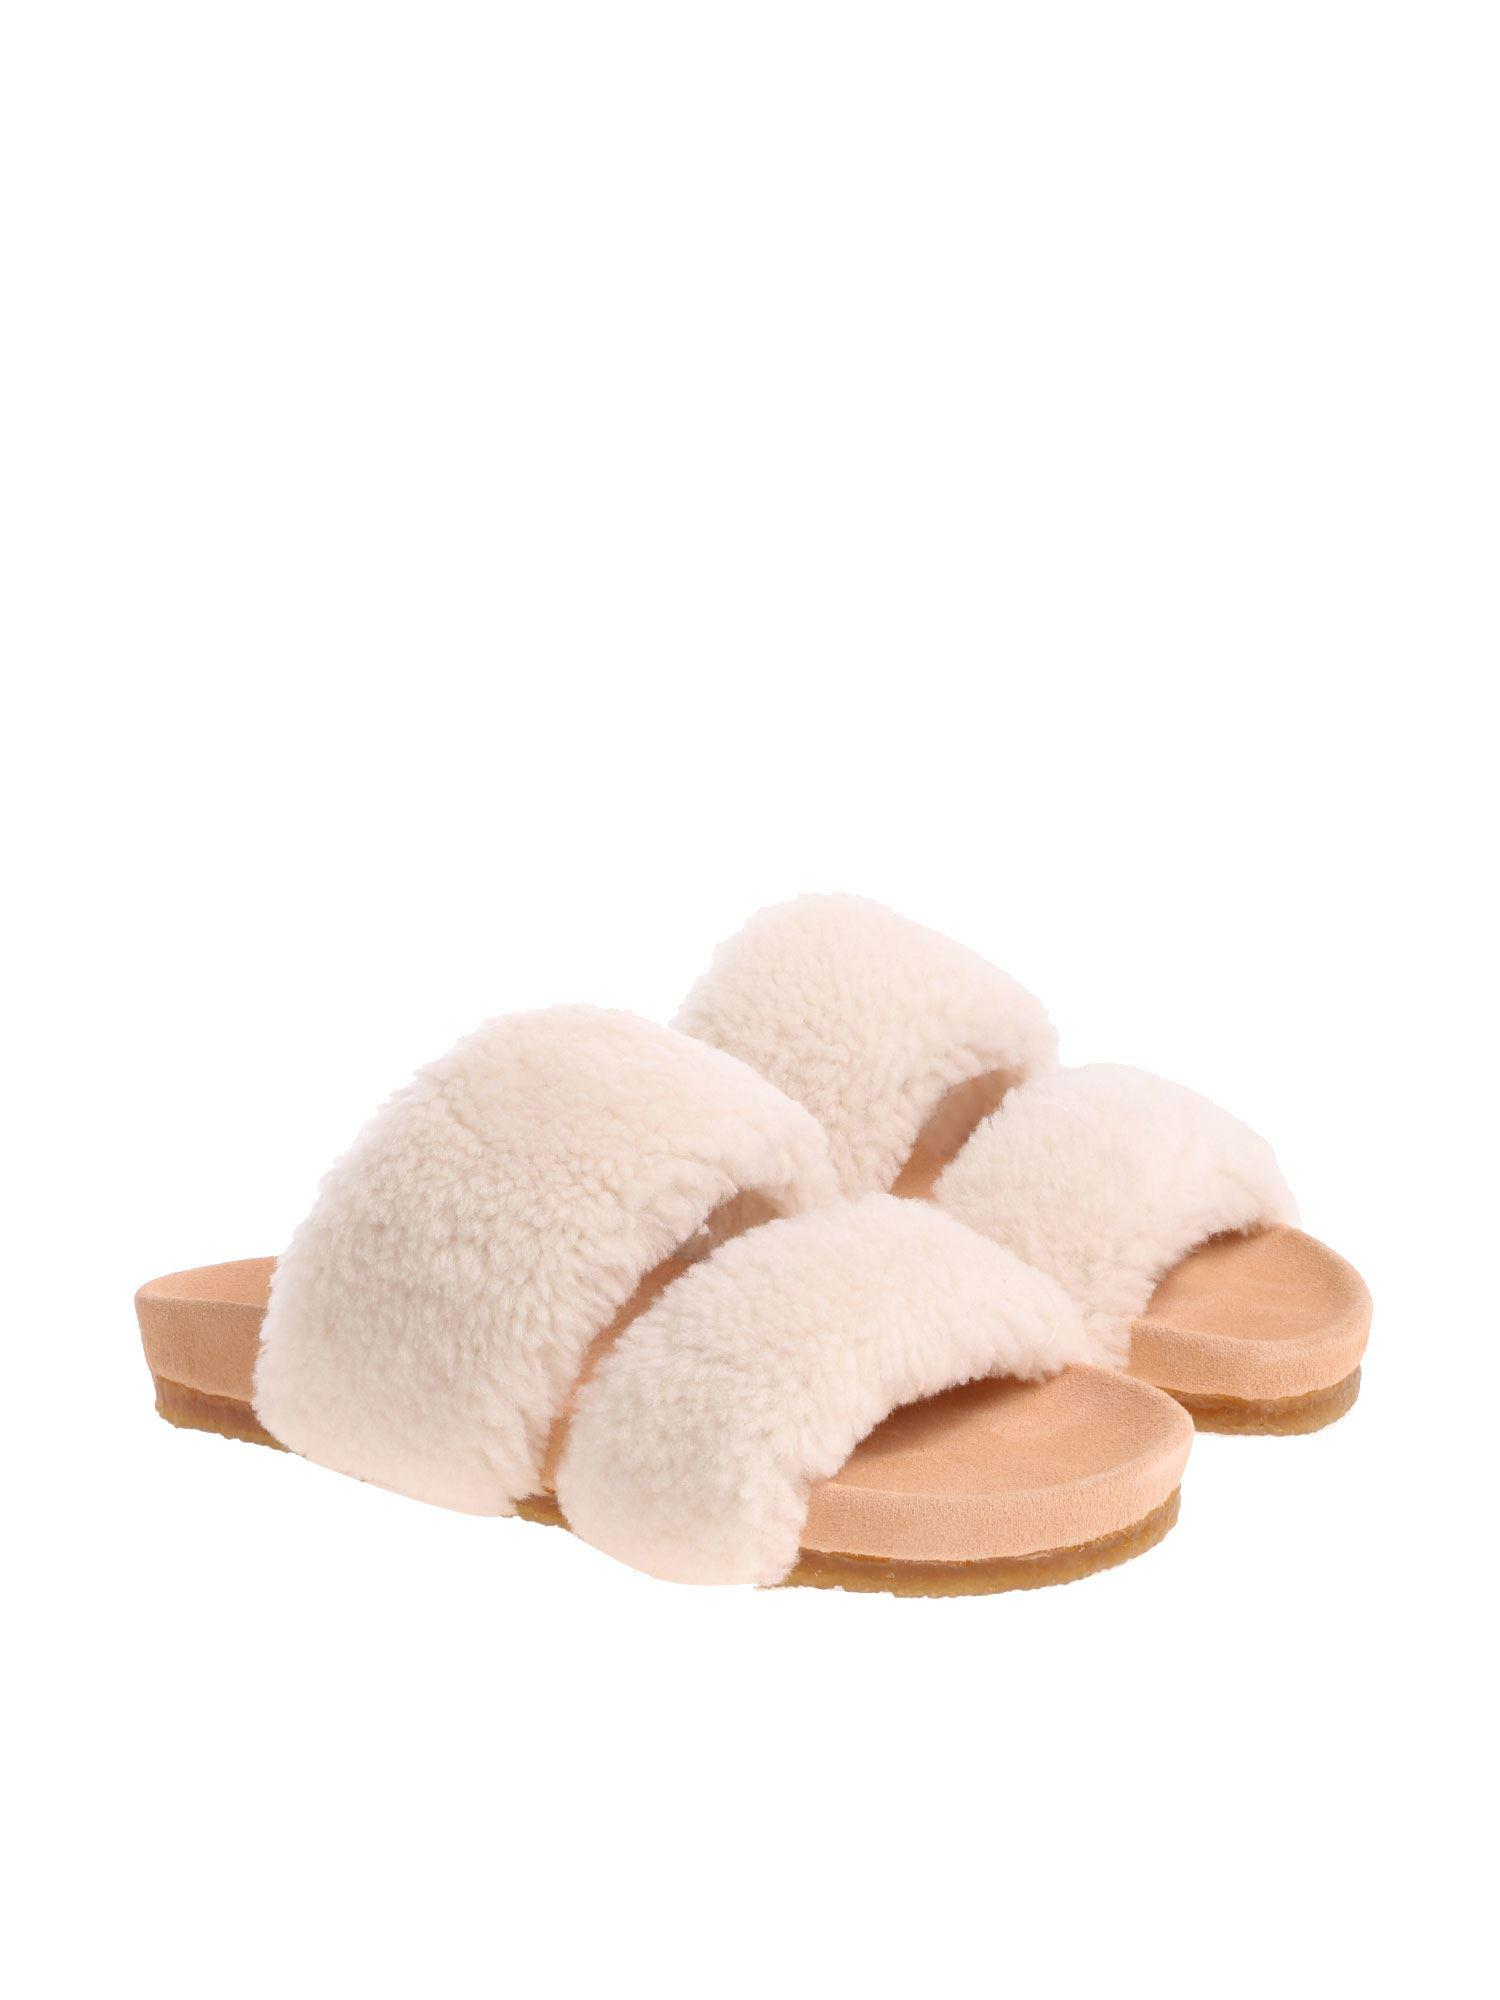 28d0613a9e3c Lyst - Tory Burch Cream-colored Fur Slides in Natural